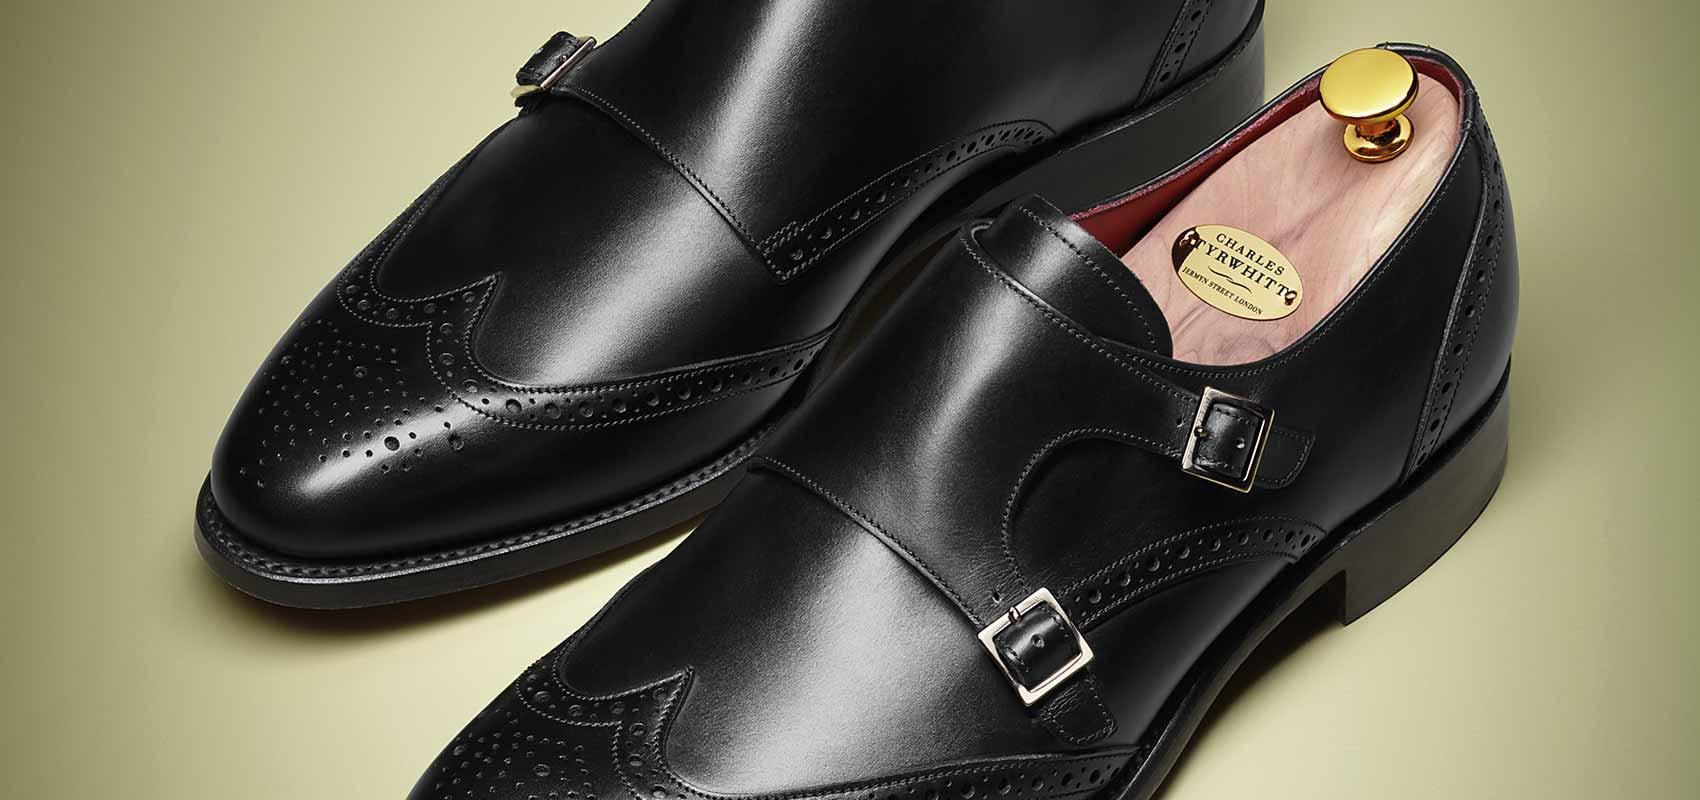 Charles Tyrwhitt black shoes